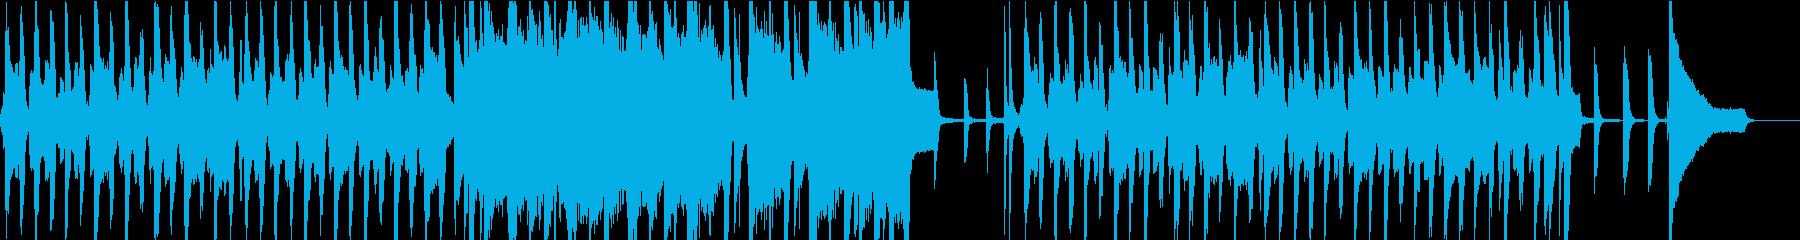 リコーダーでシャッフルのほのぼのポップスの再生済みの波形